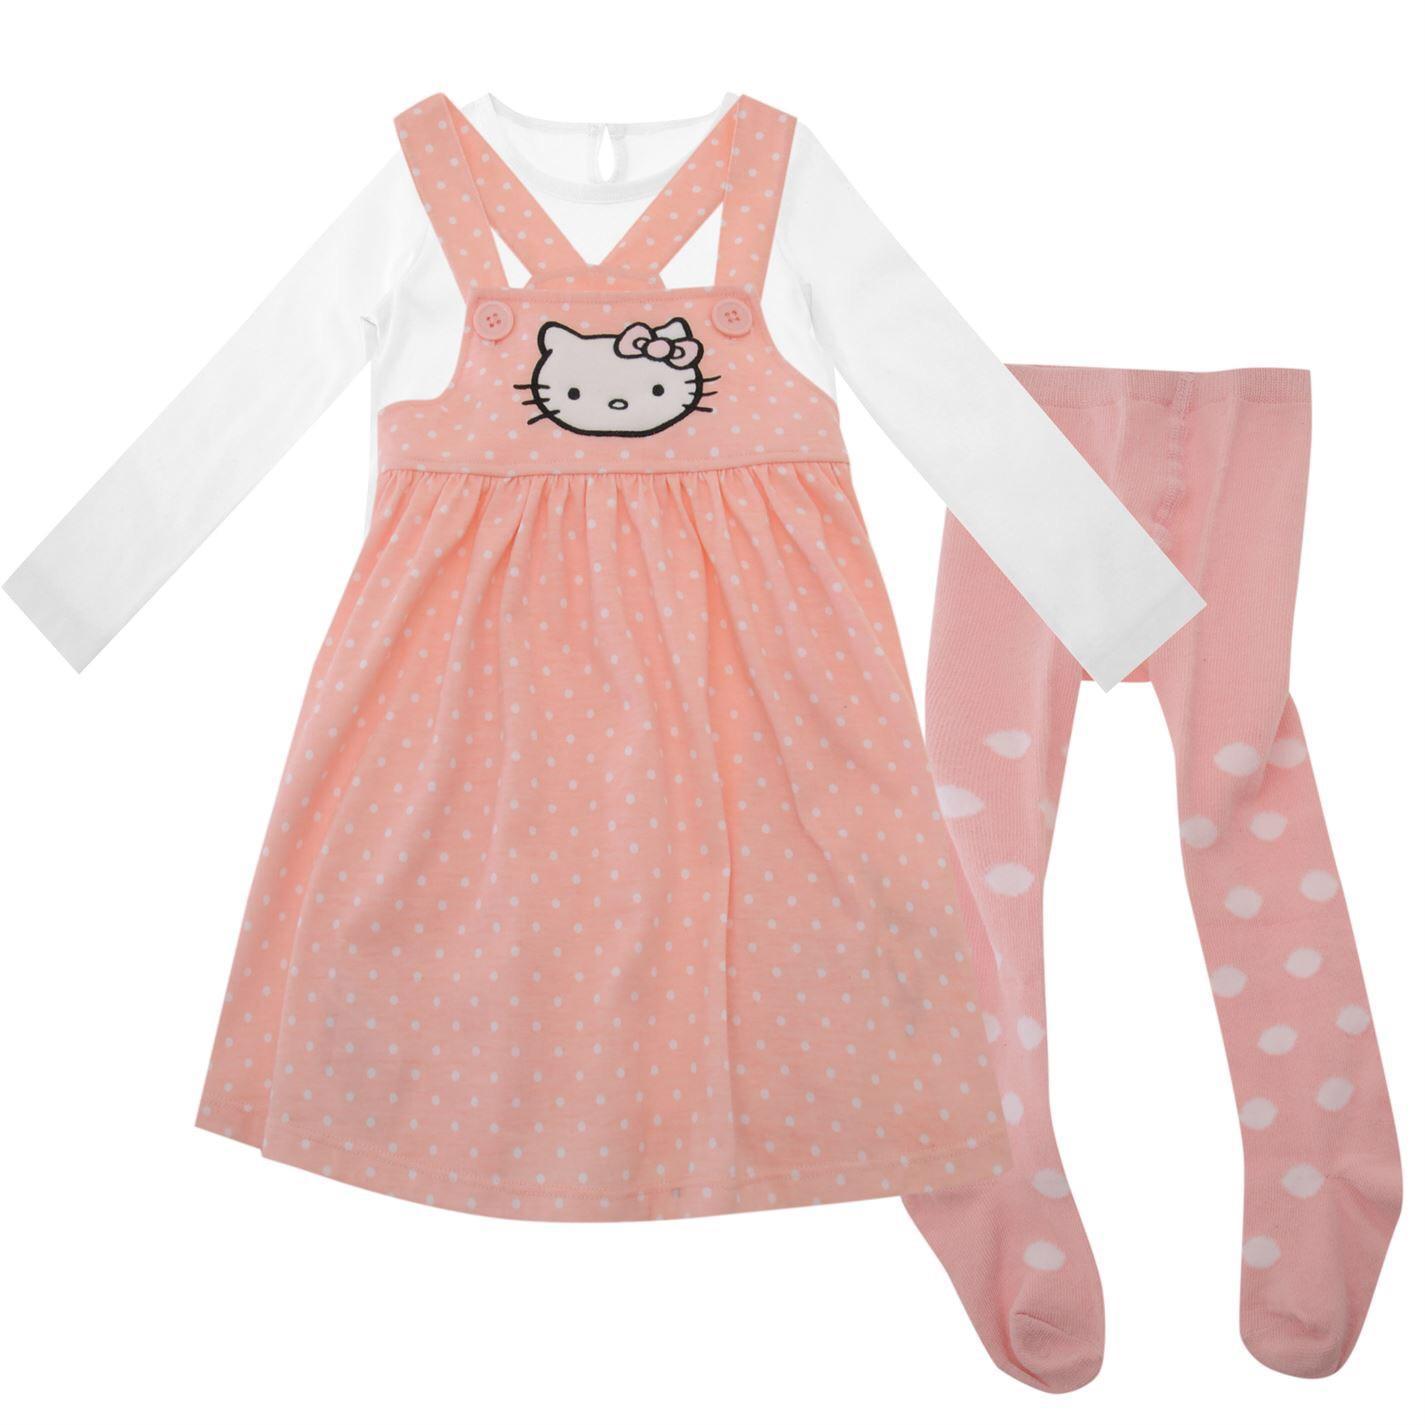 Sélection de vêtements pour bébés en promotion - Ex : Ensemble Hello Kitty 3 pièces